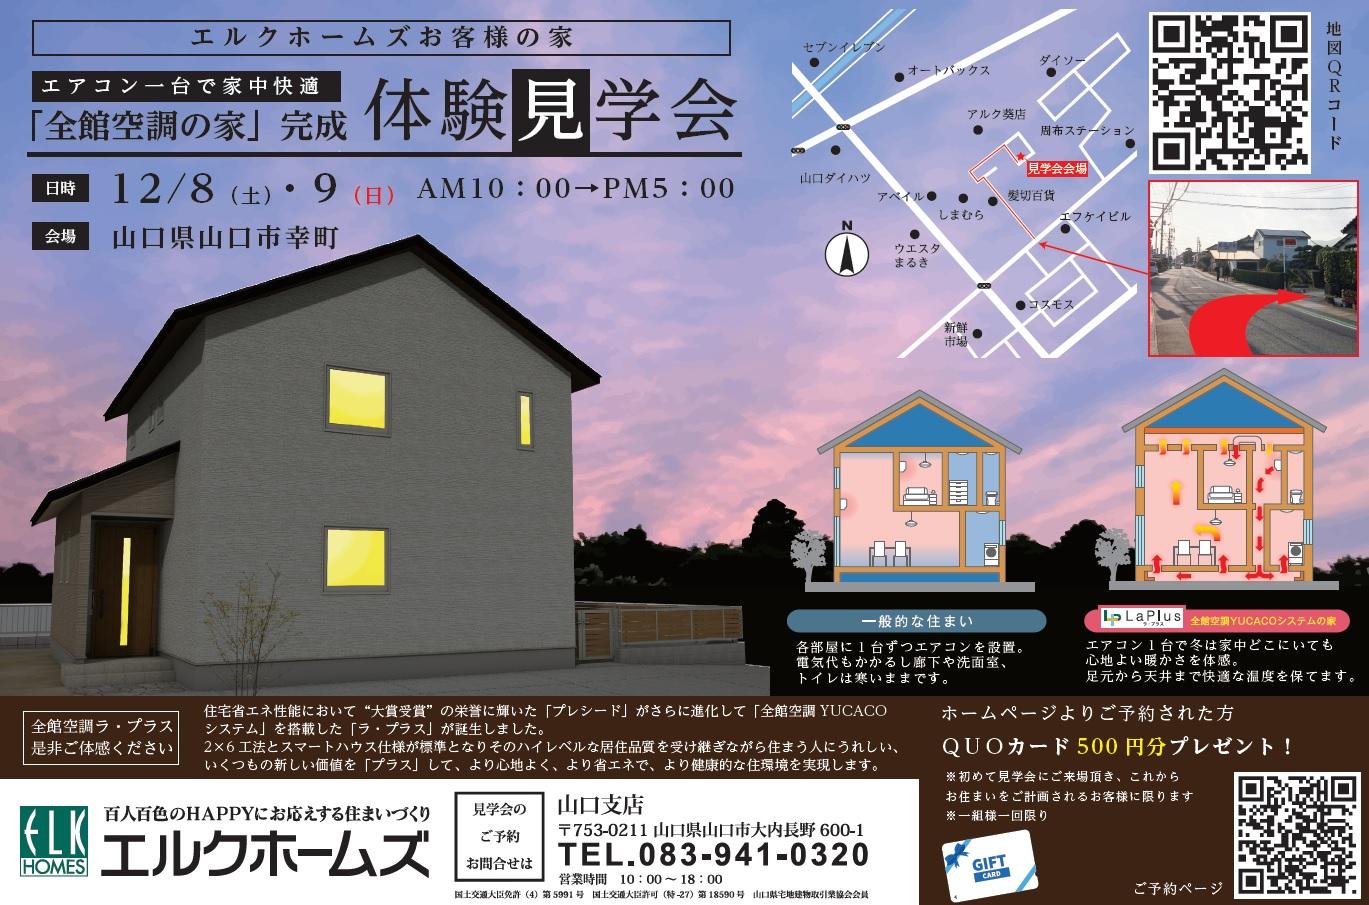 画像:12/8~9 全館空調の家を体感しよう! 山口市幸町にて完成見学会開催!